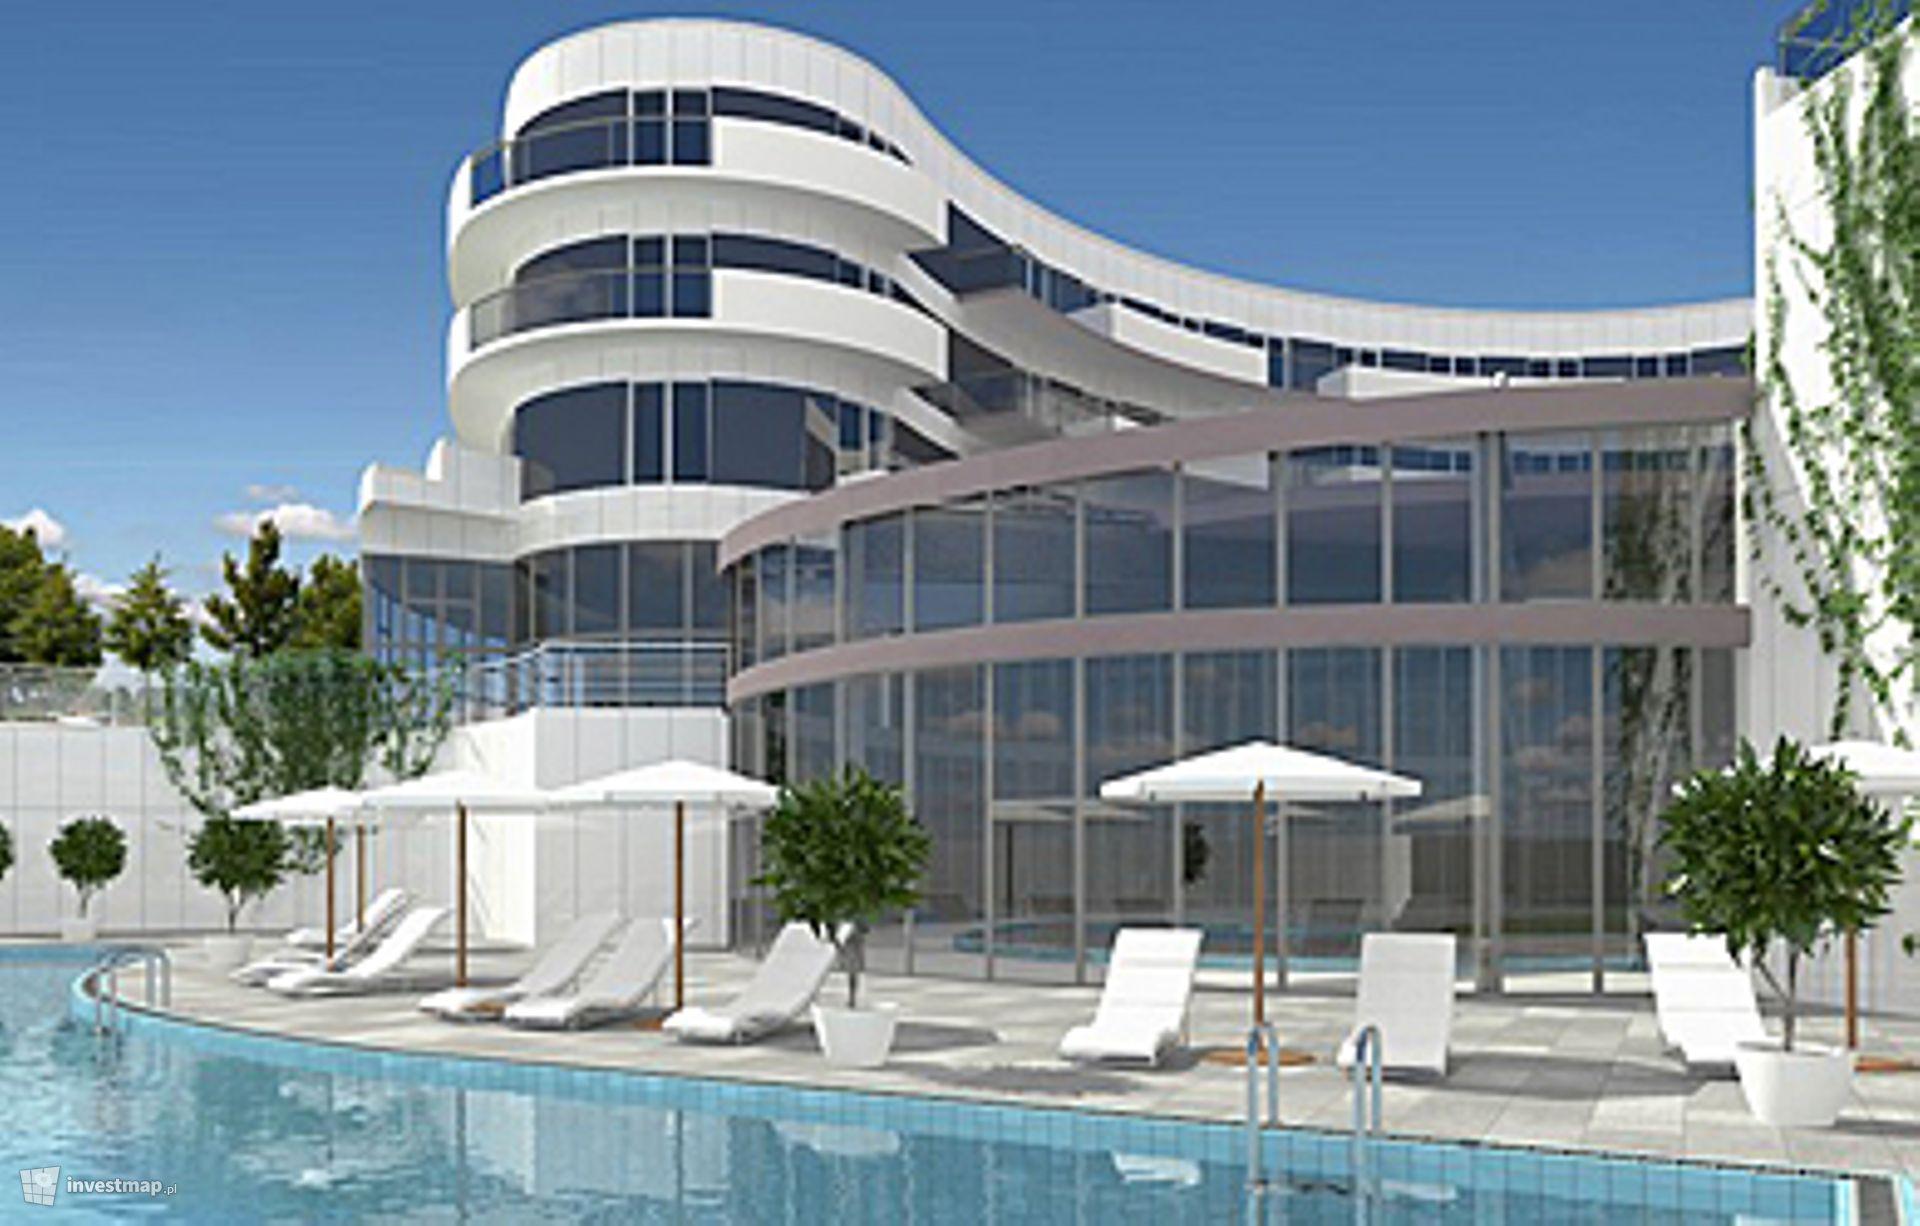 Europejskie Centrum Konferencyjno-Hotelowe Copernicus